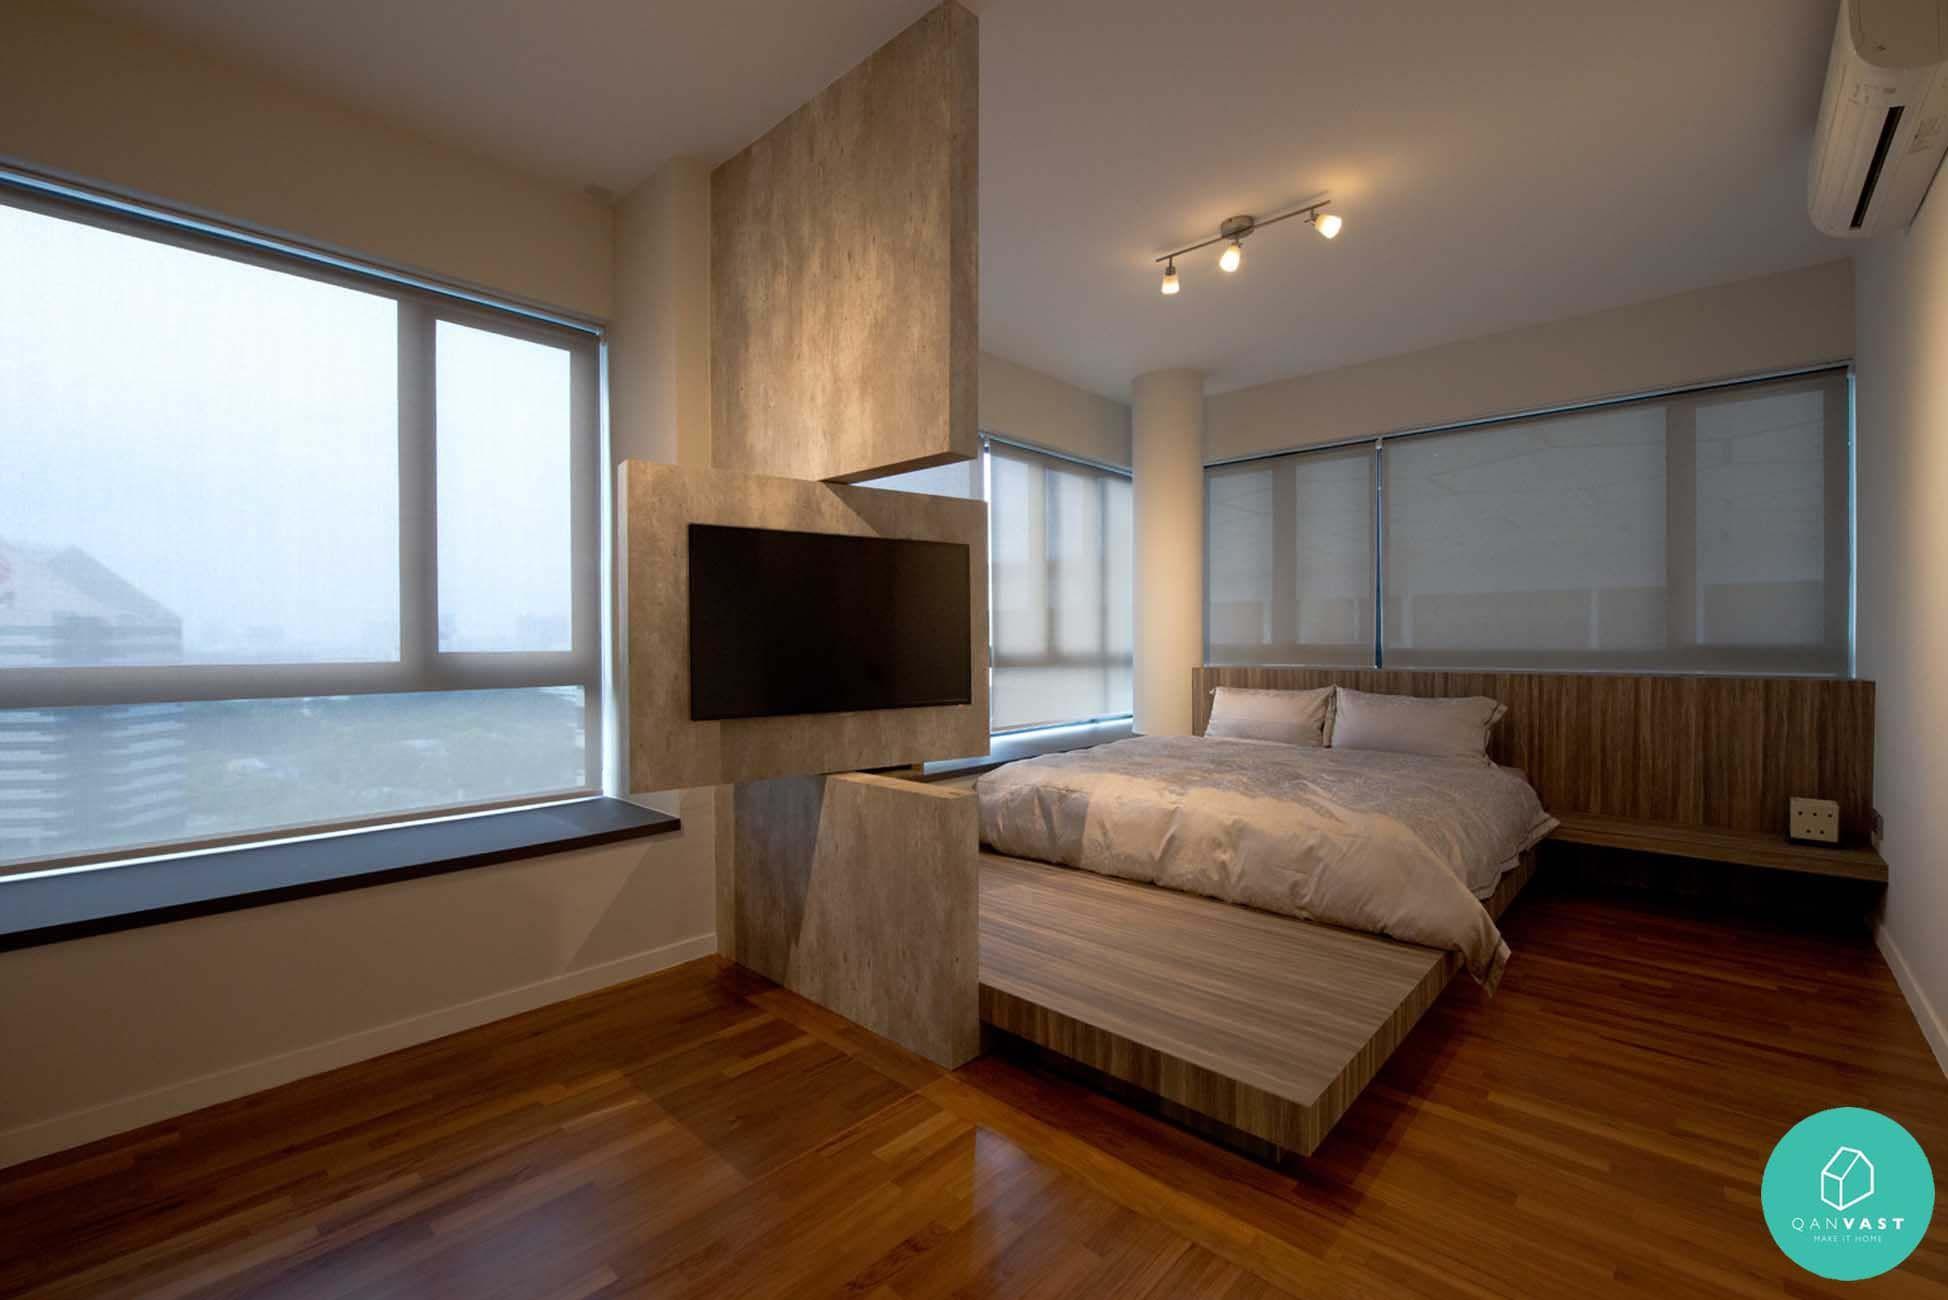 platform bed. Black Bedroom Furniture Sets. Home Design Ideas